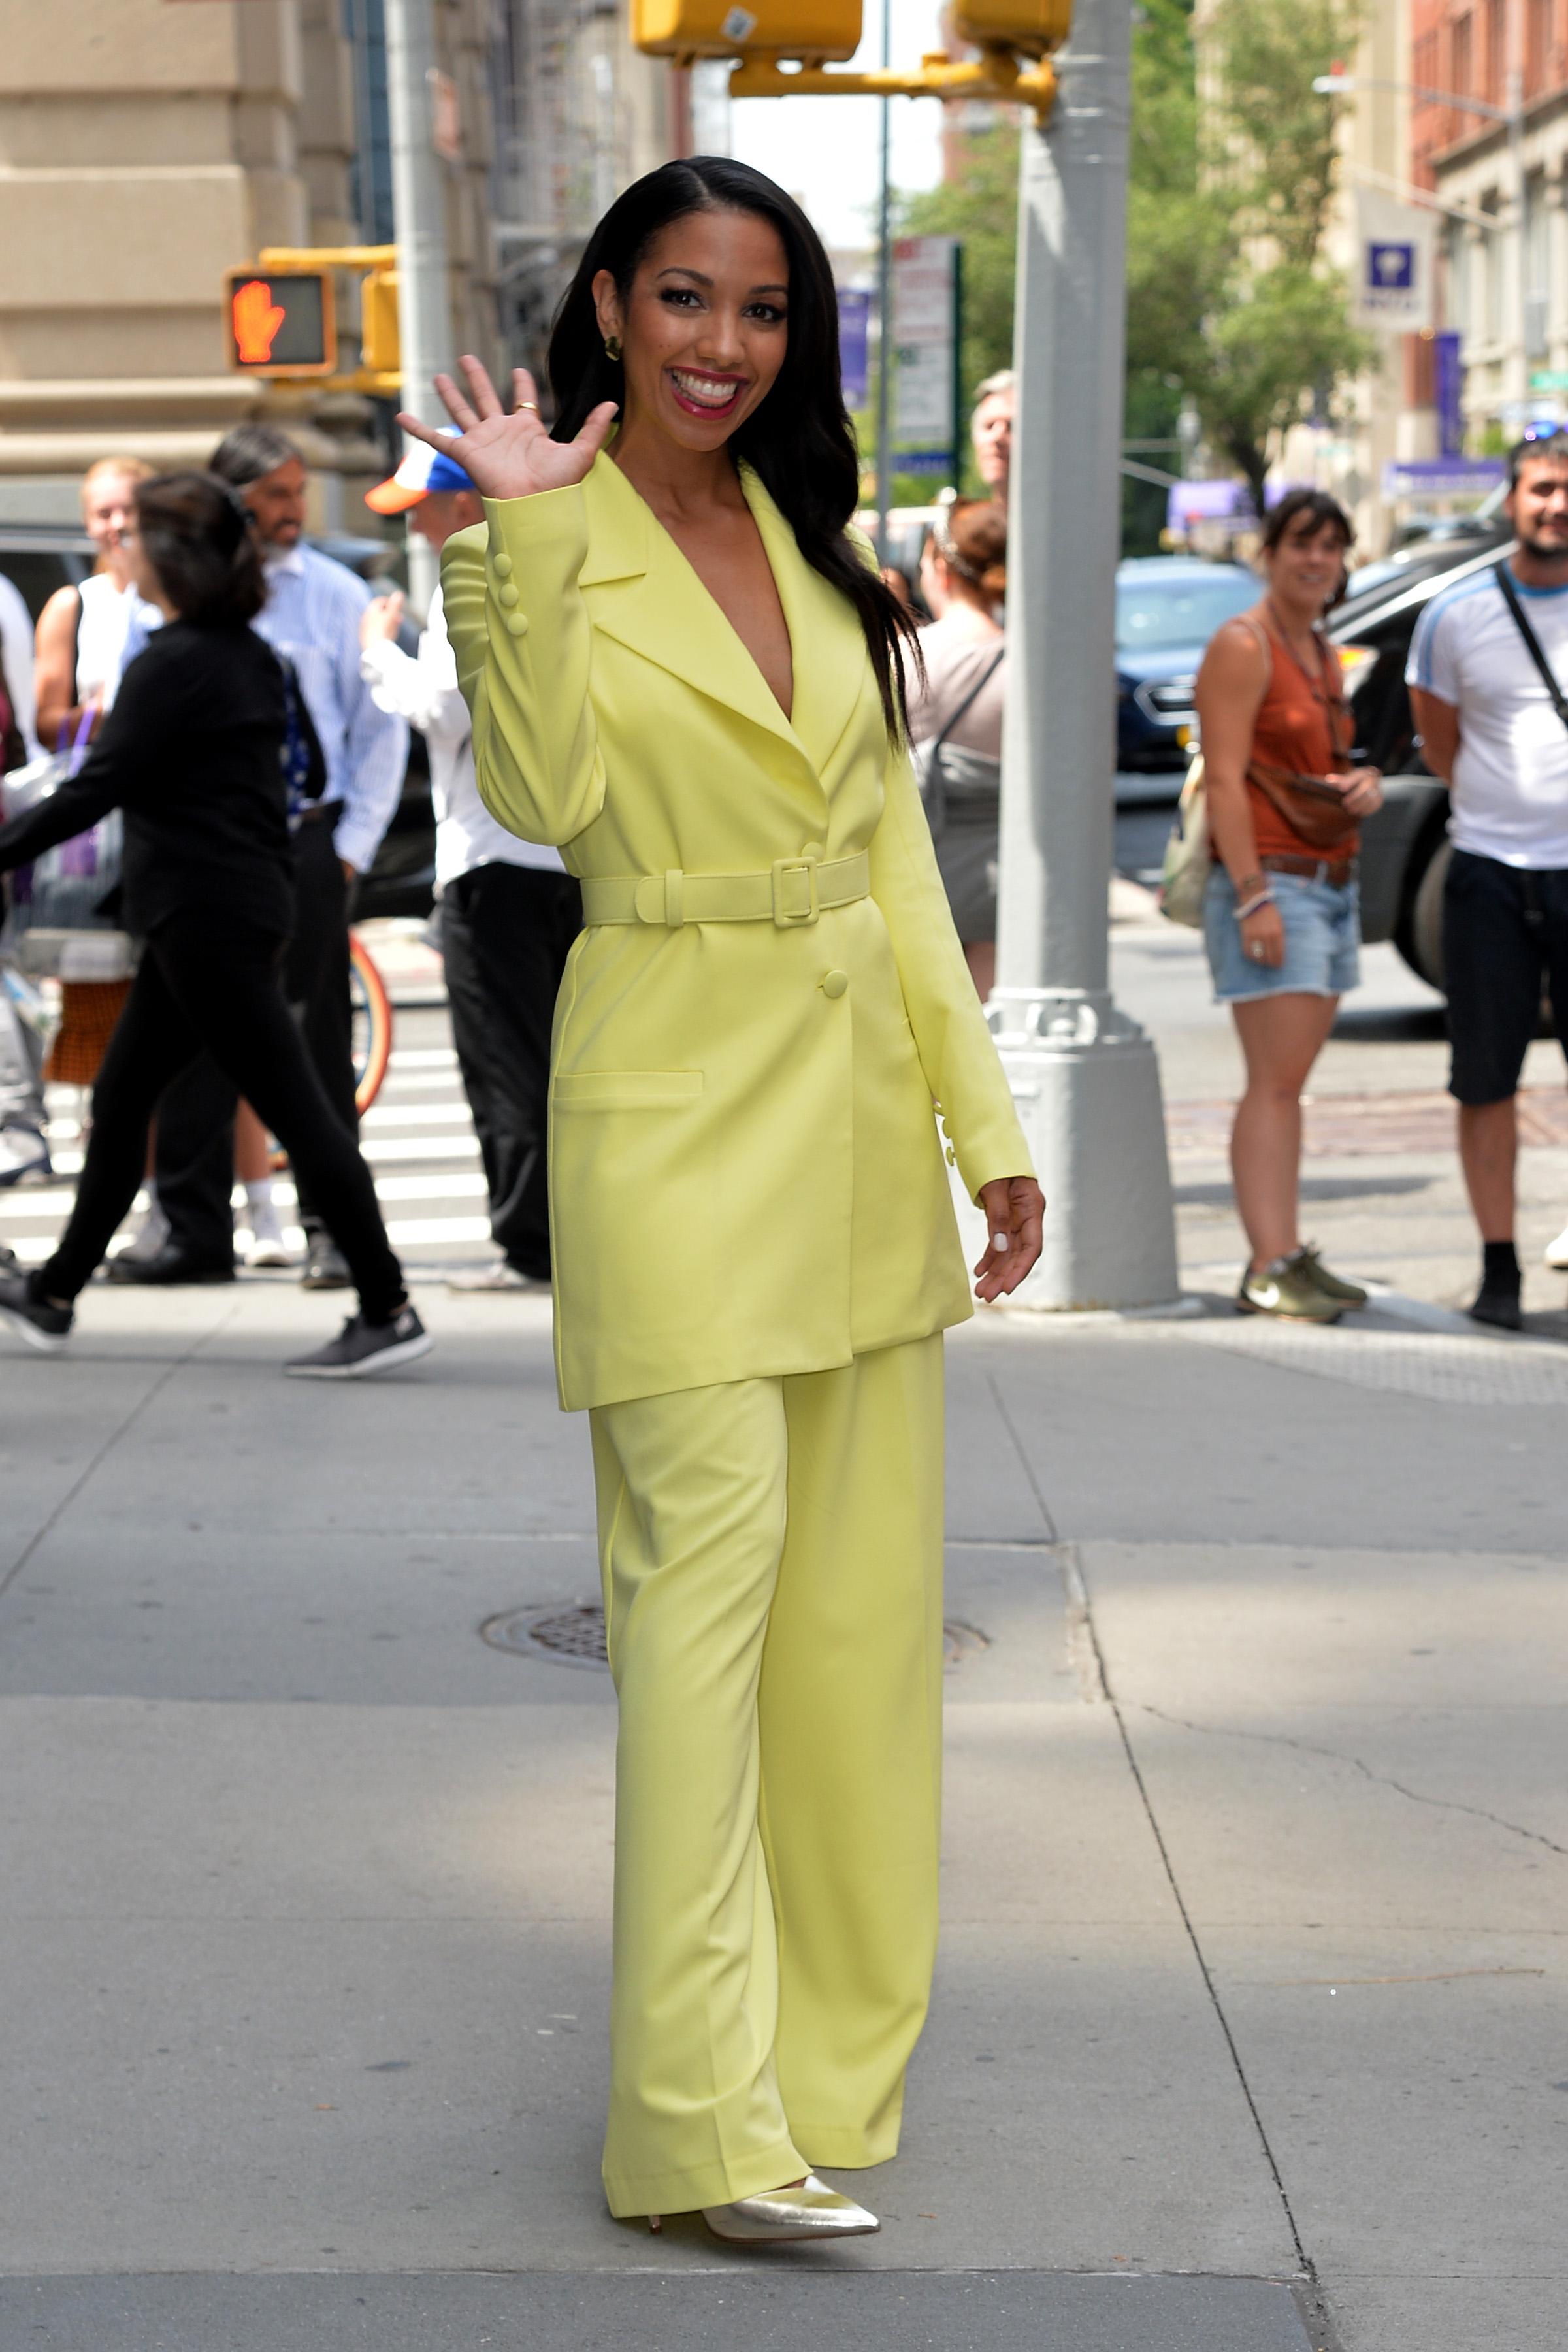 Corinne Bishop con su look sastrero en tono limón